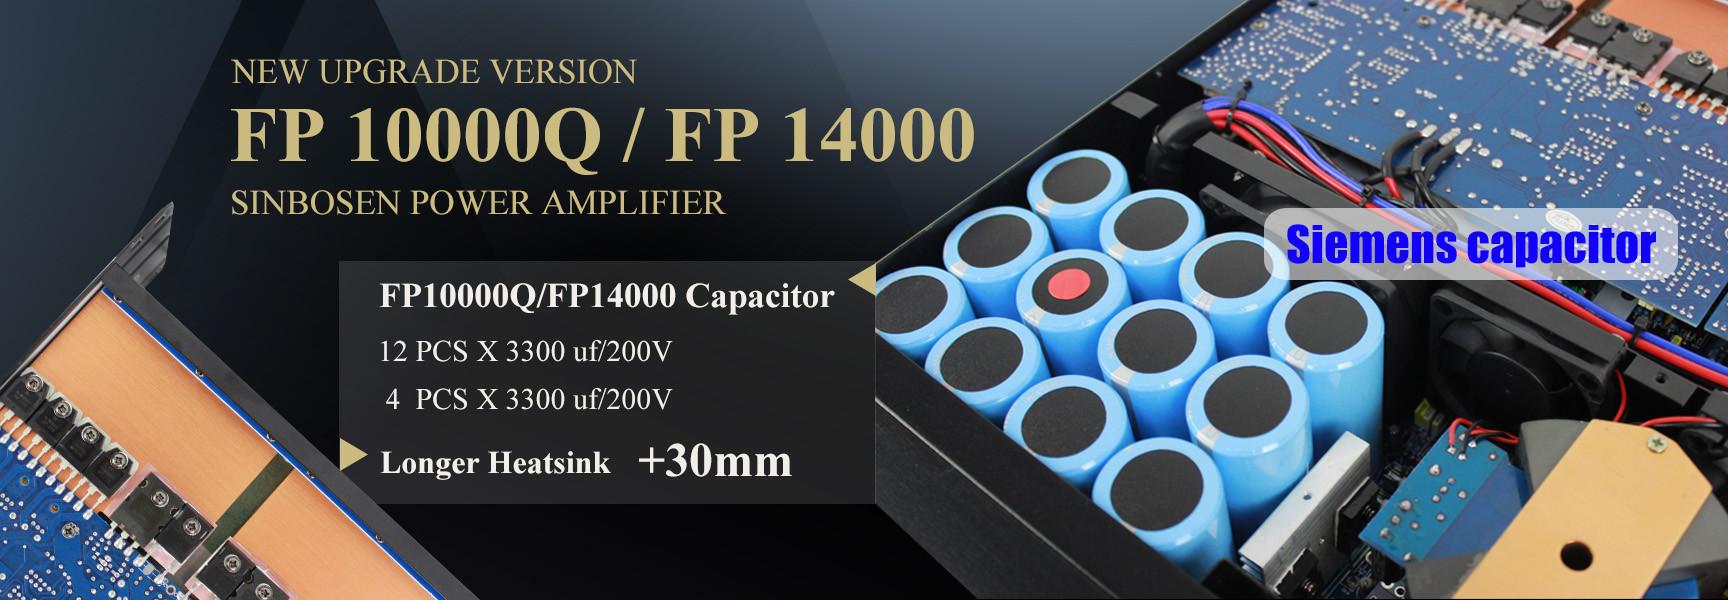 Versione aggiornata dell'amplificatore Sinbosen FP14000 / FP10000Q nell'agosto 2018